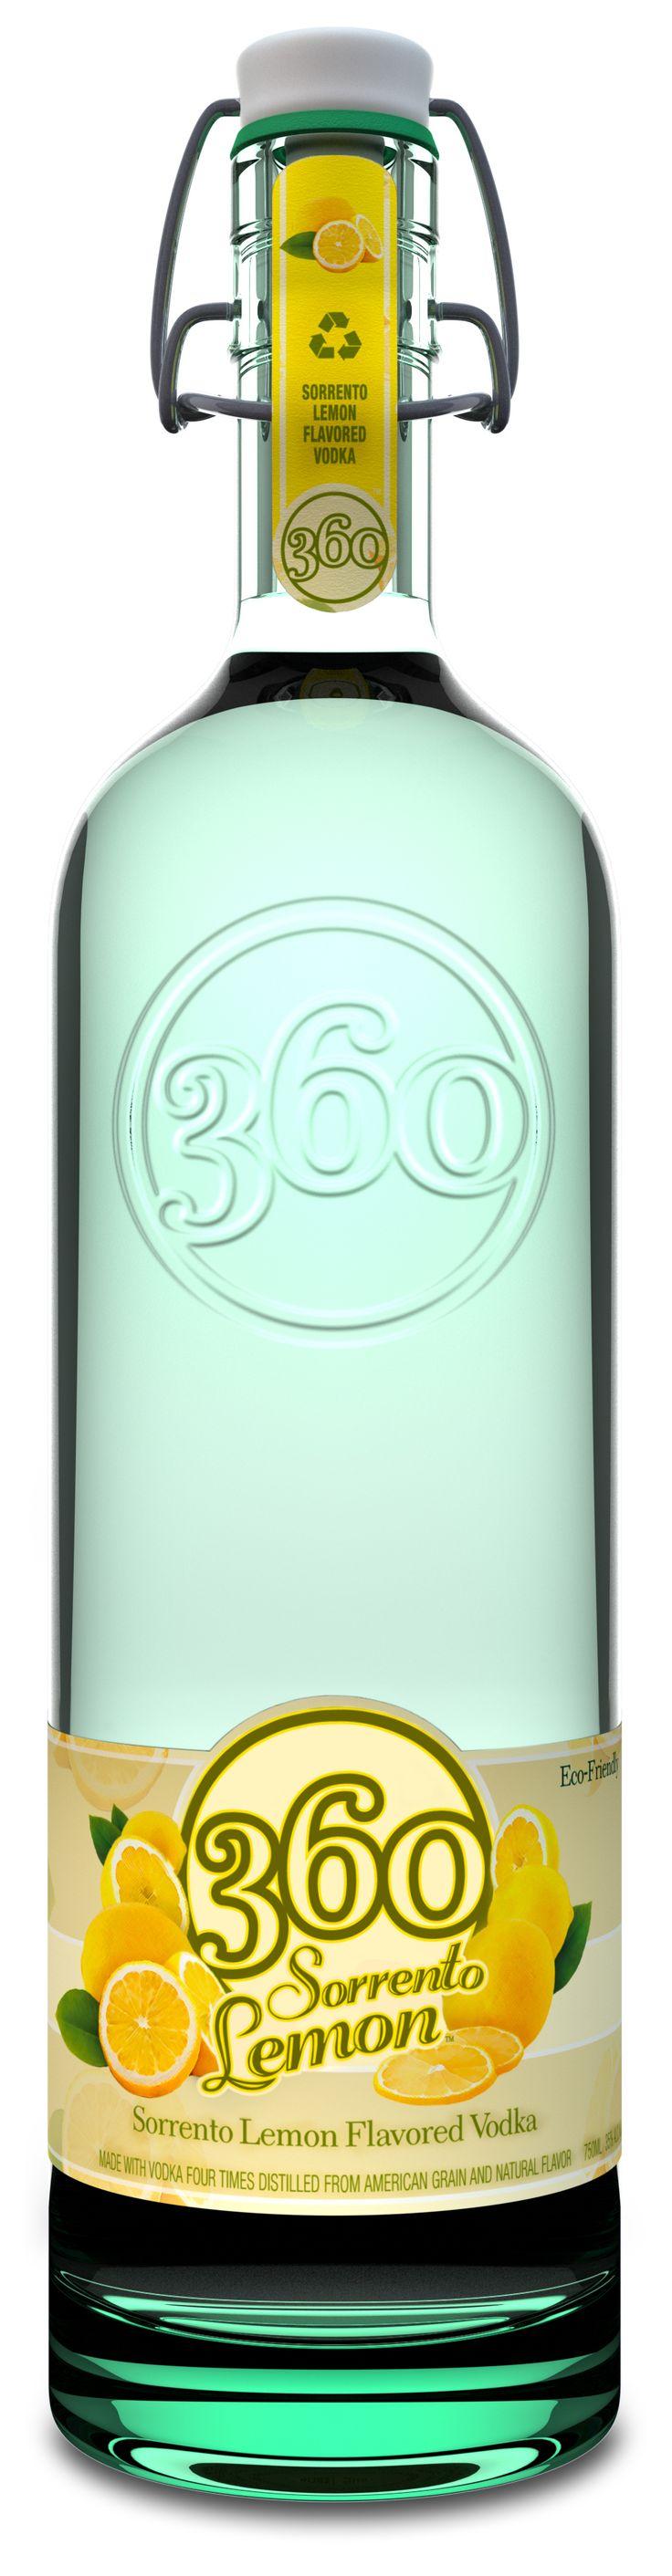 360 Vodka Sorrento Lemon Vodka